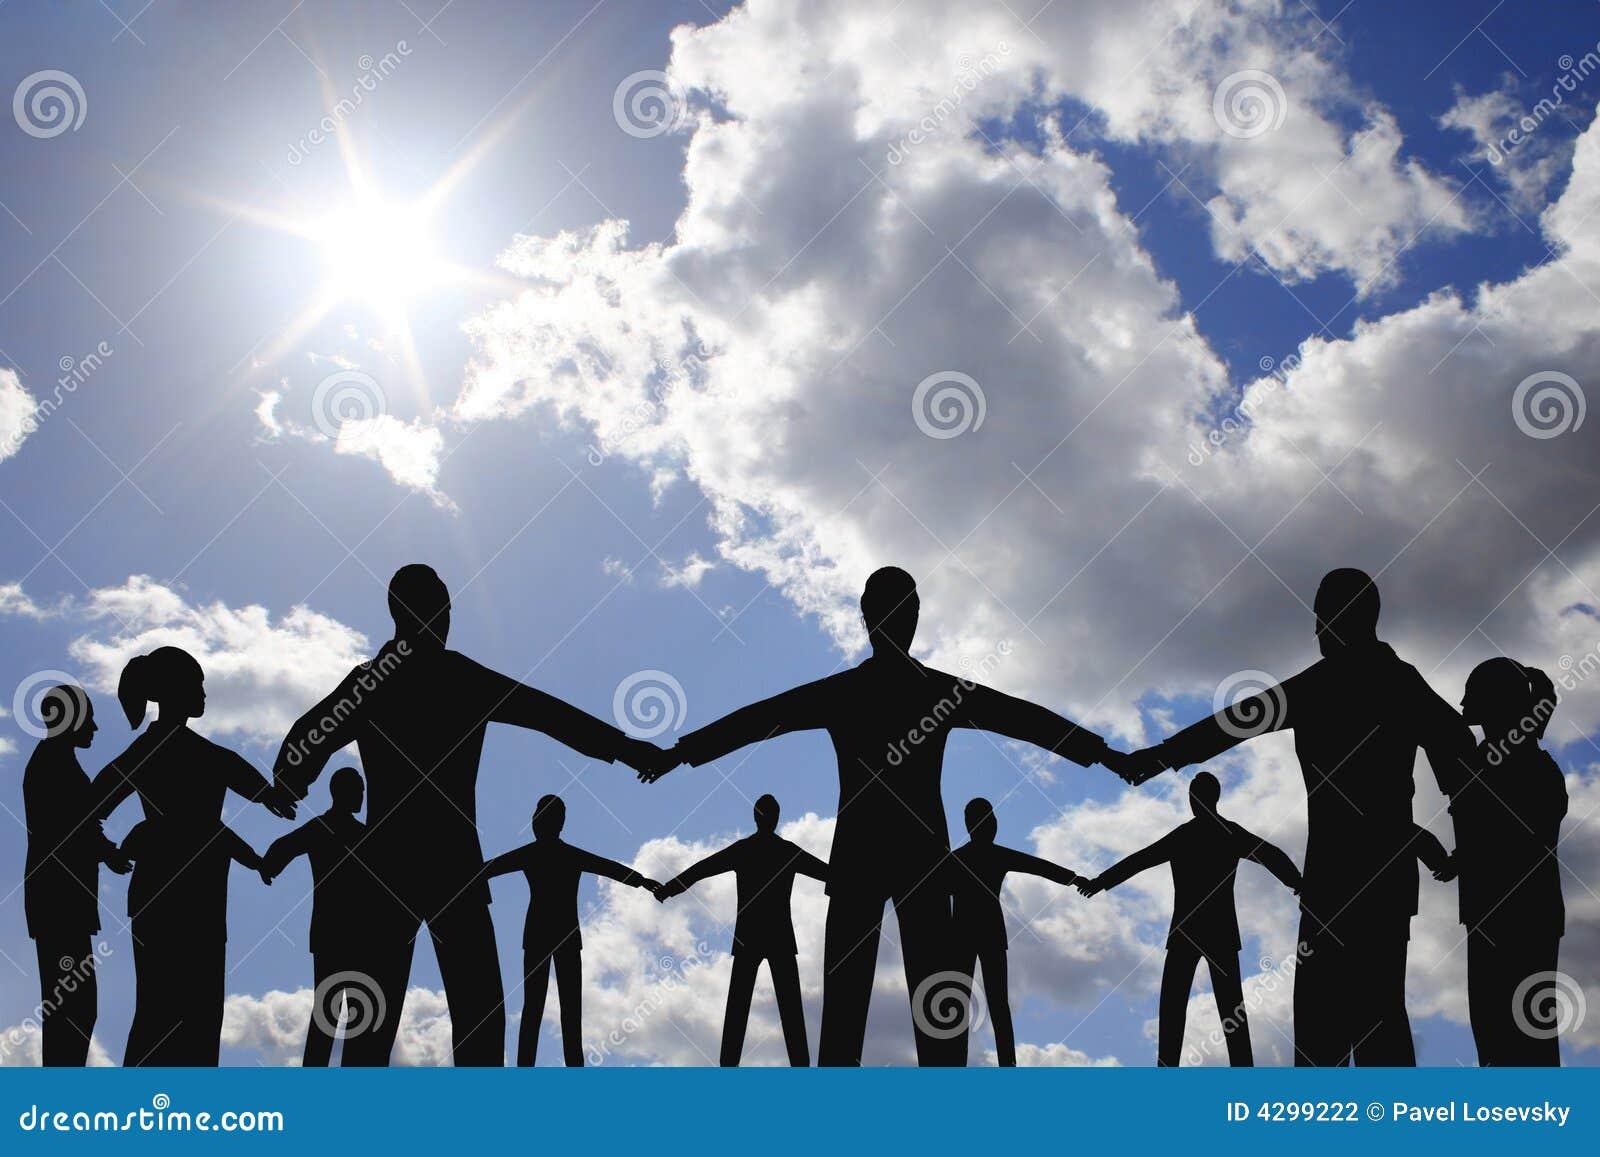 Krąg grup osób